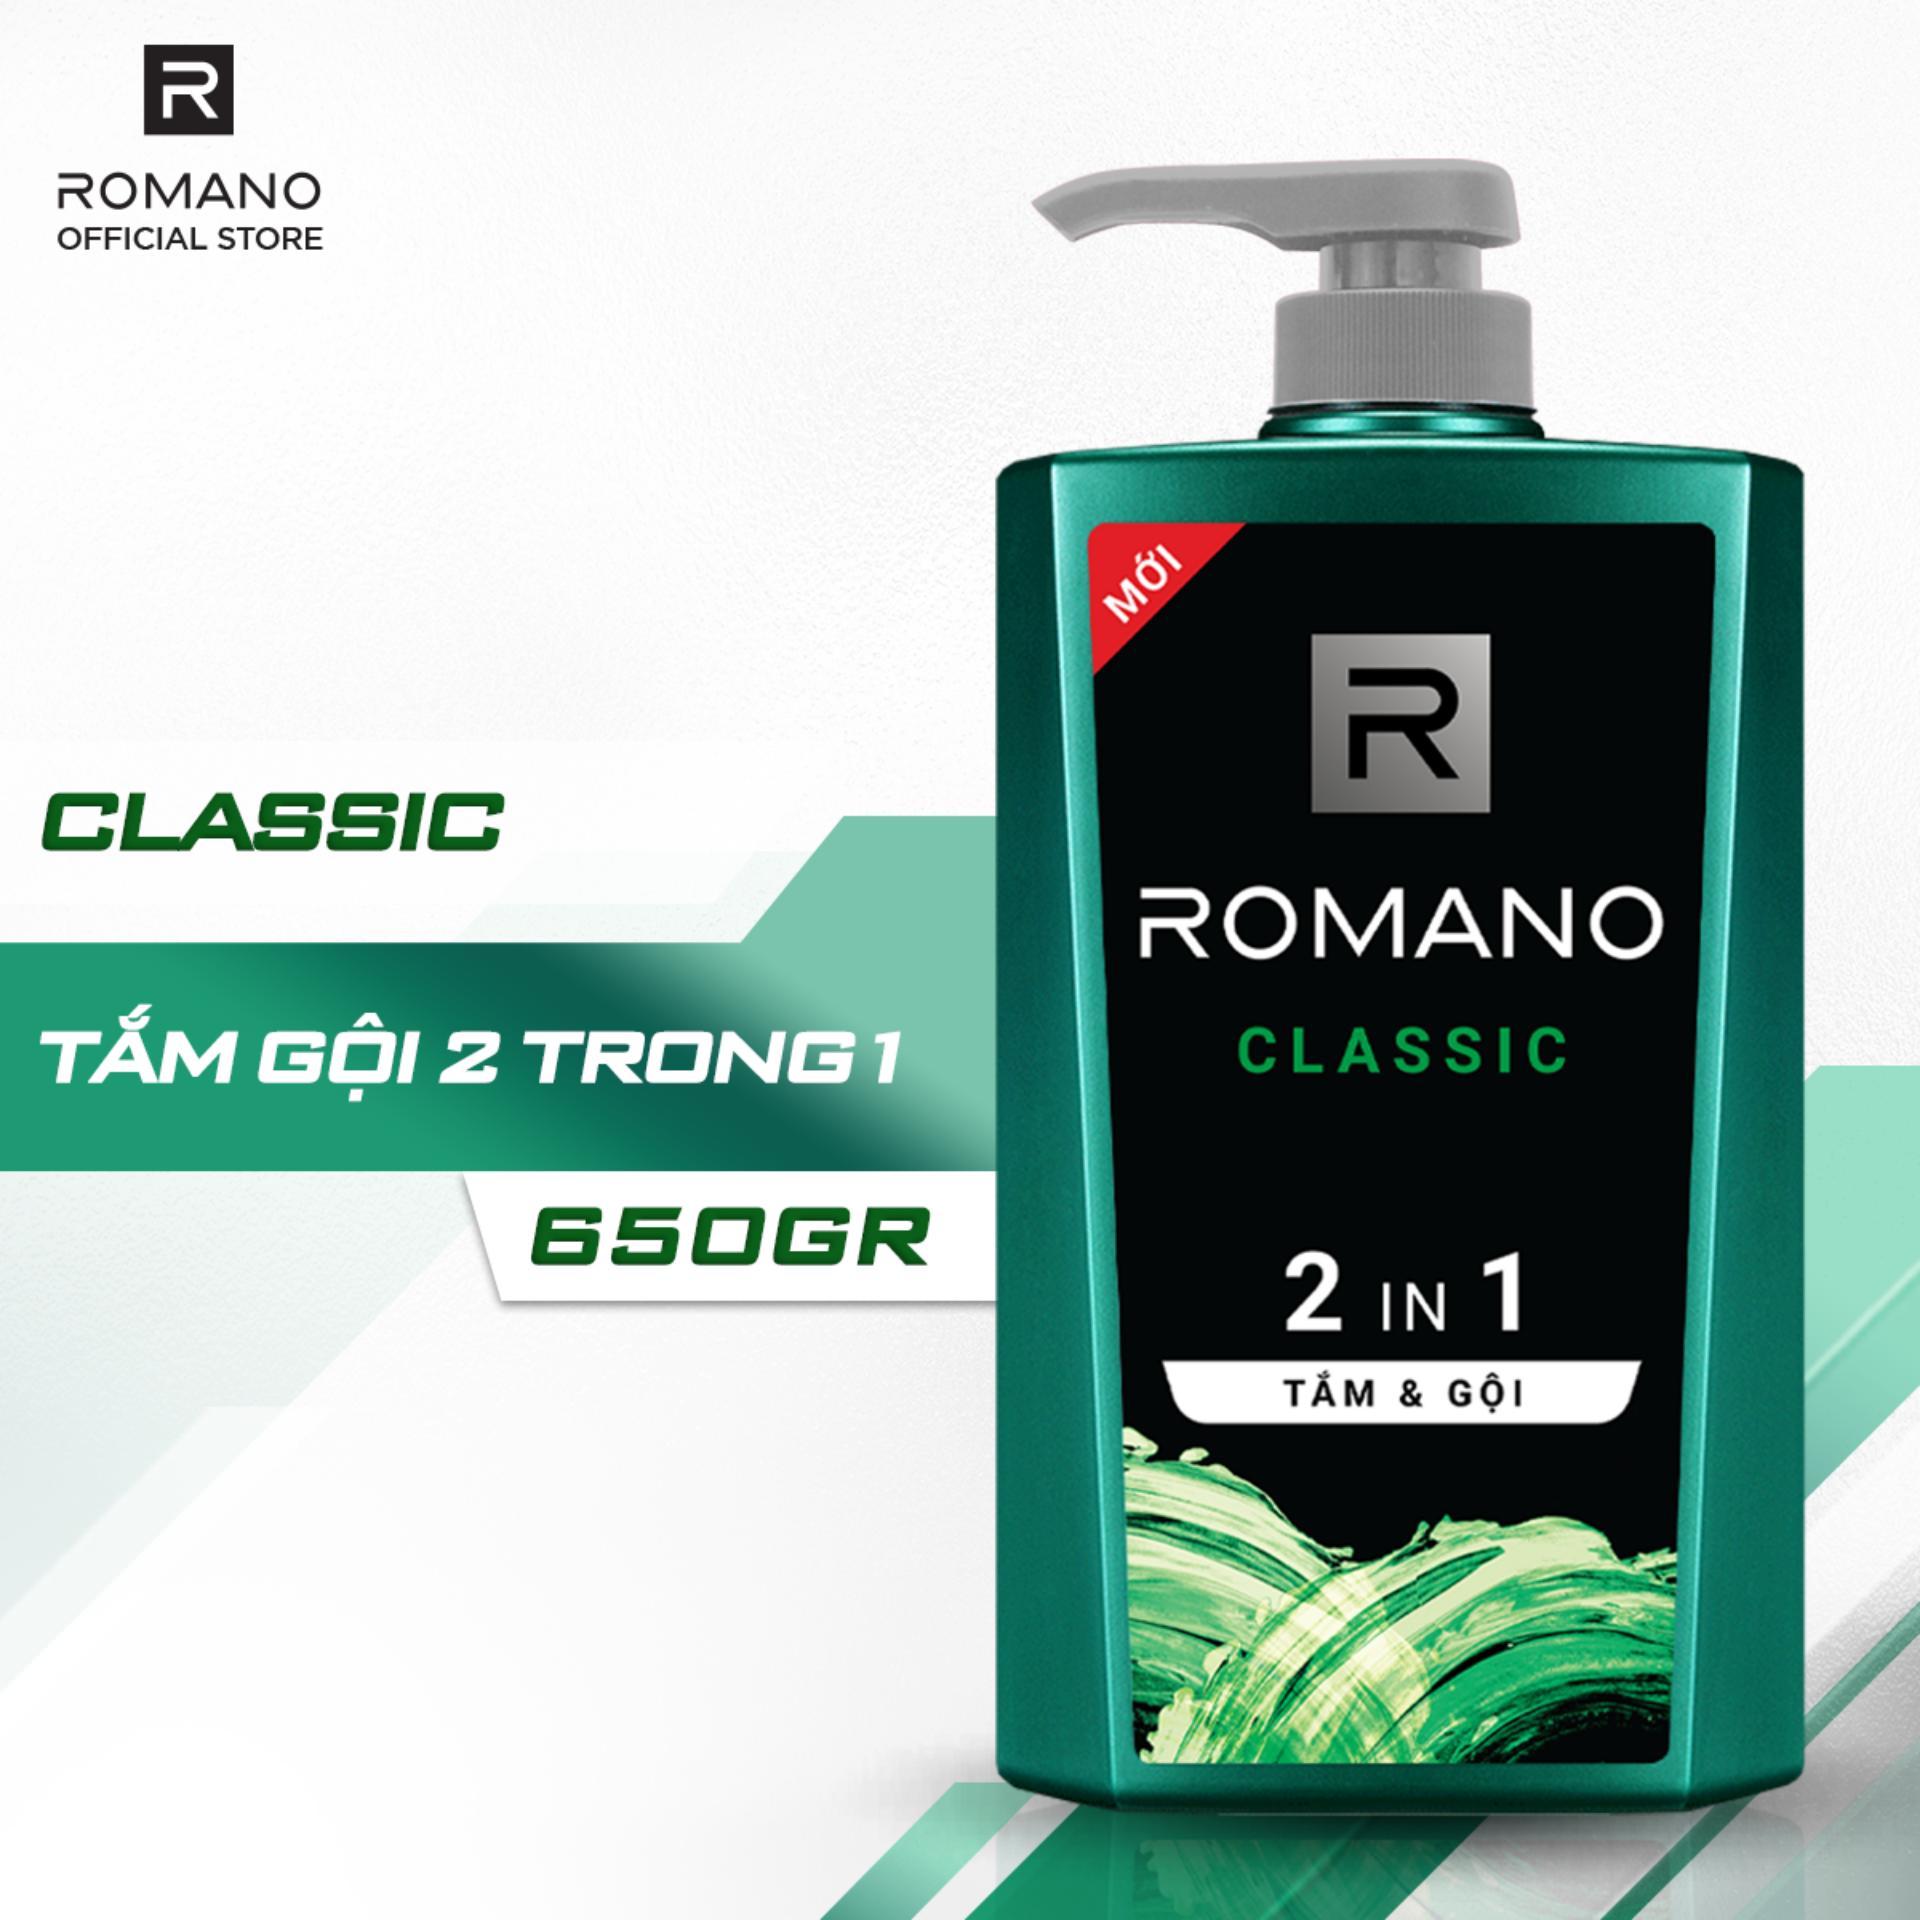 Tắm Gội 2 Trong 1 Romano Classic 650g Khuyến Mại Hot